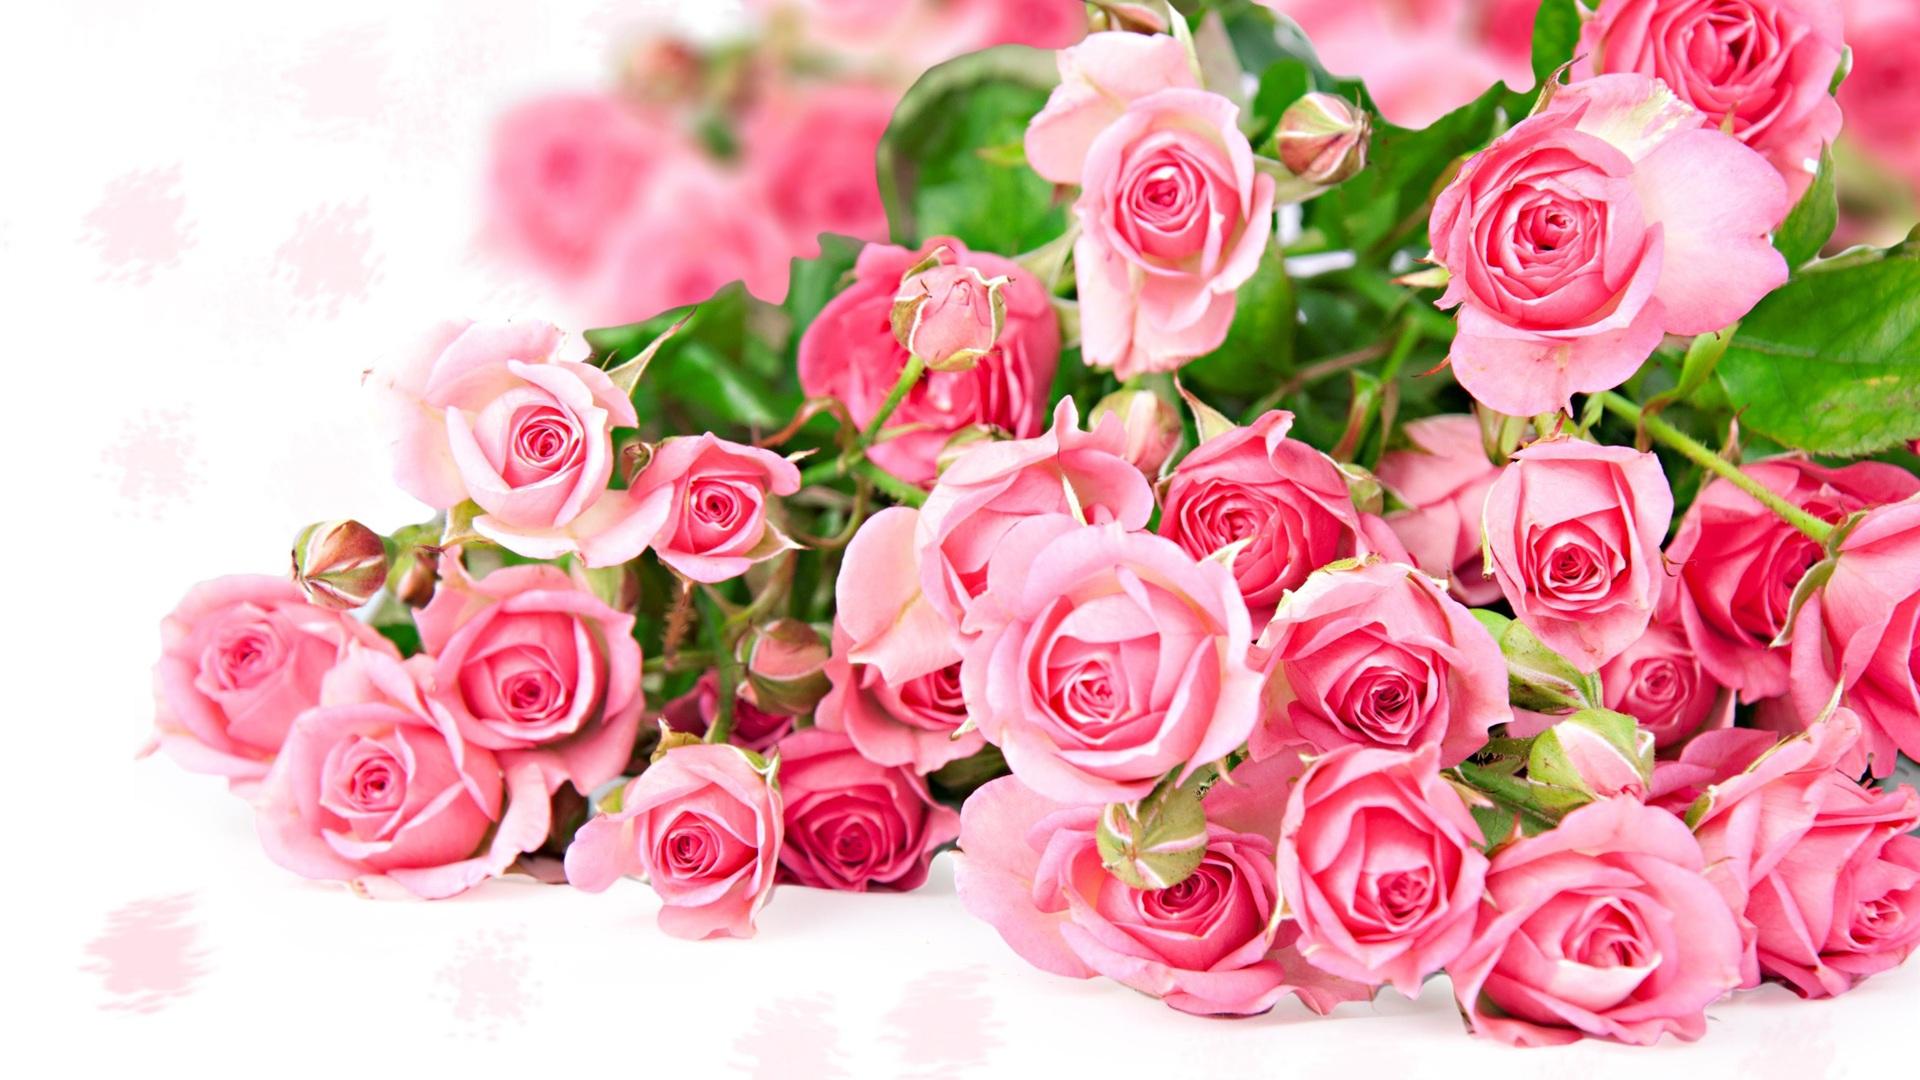 Розы букет  № 3014988  скачать